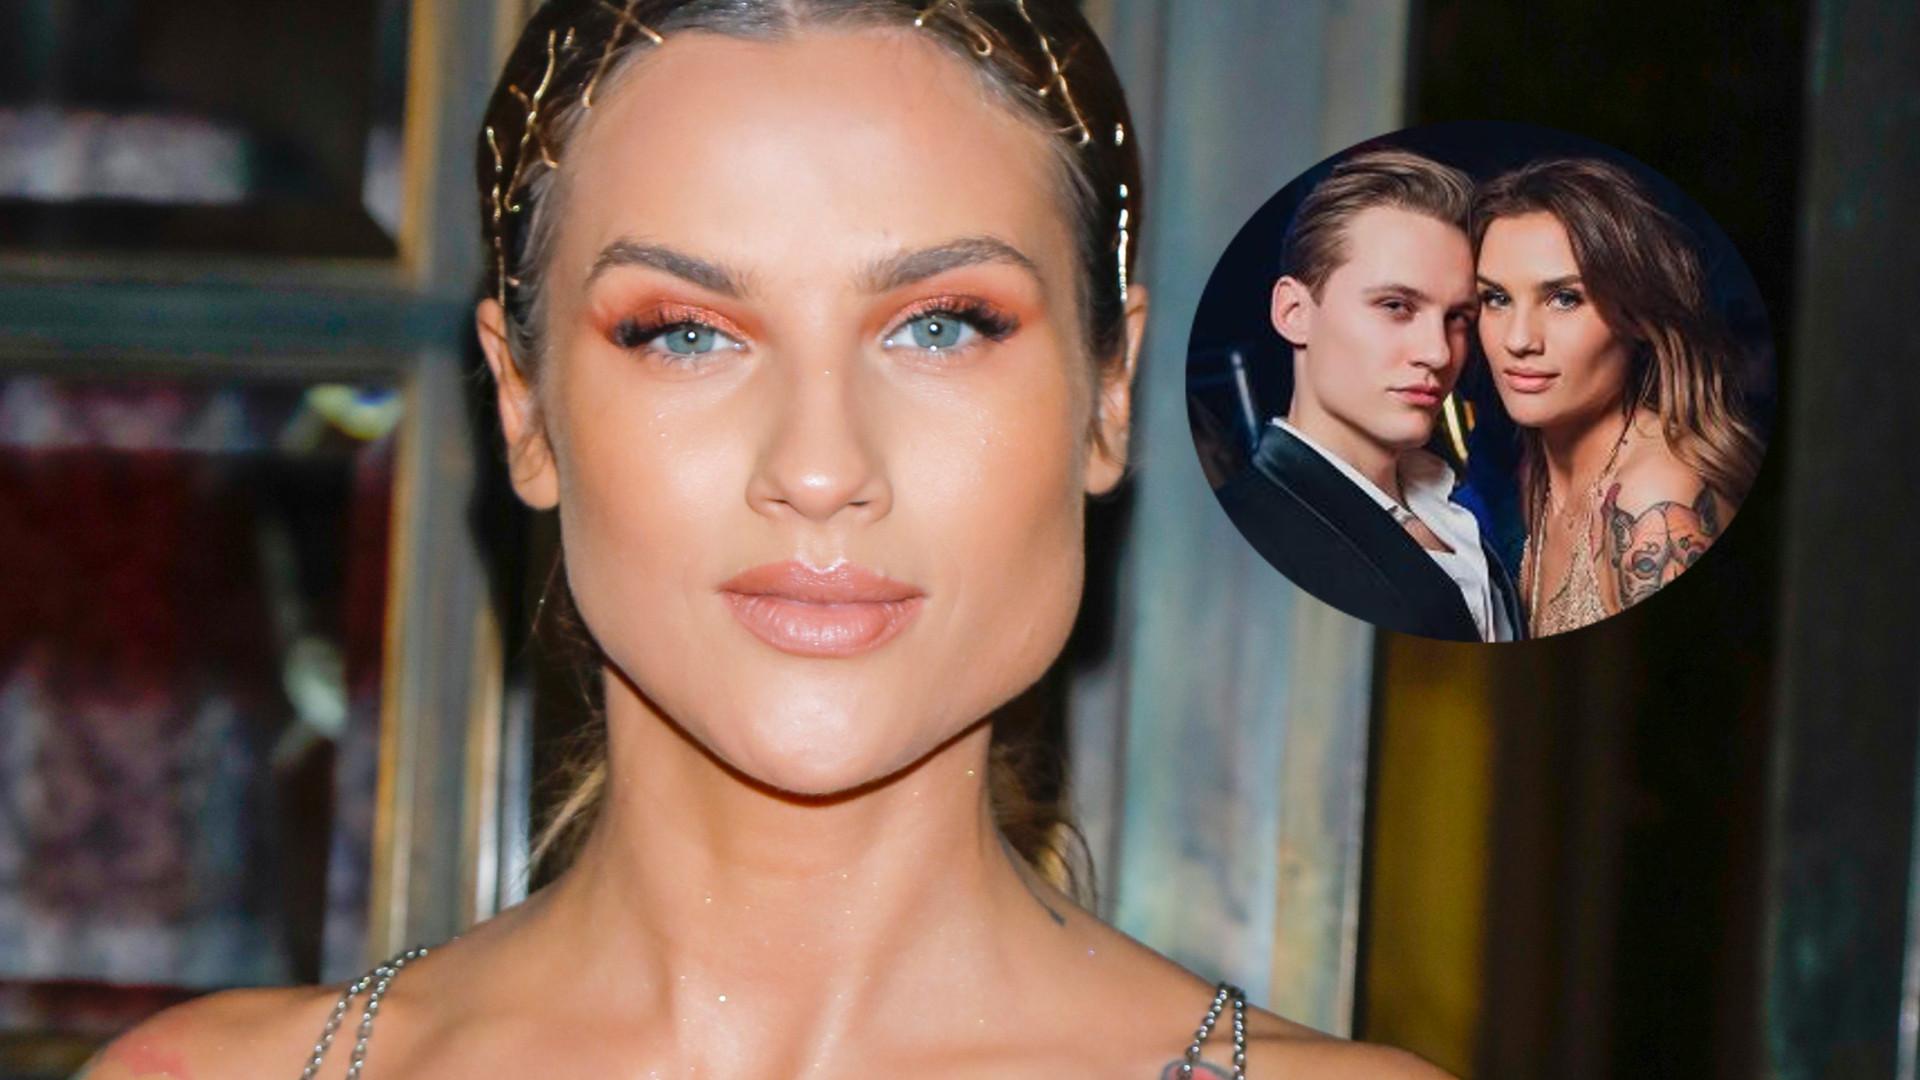 Karolina Gilon o związku z modelem, Adamem Niedzielskim: Bardzo się kochamy, ale…